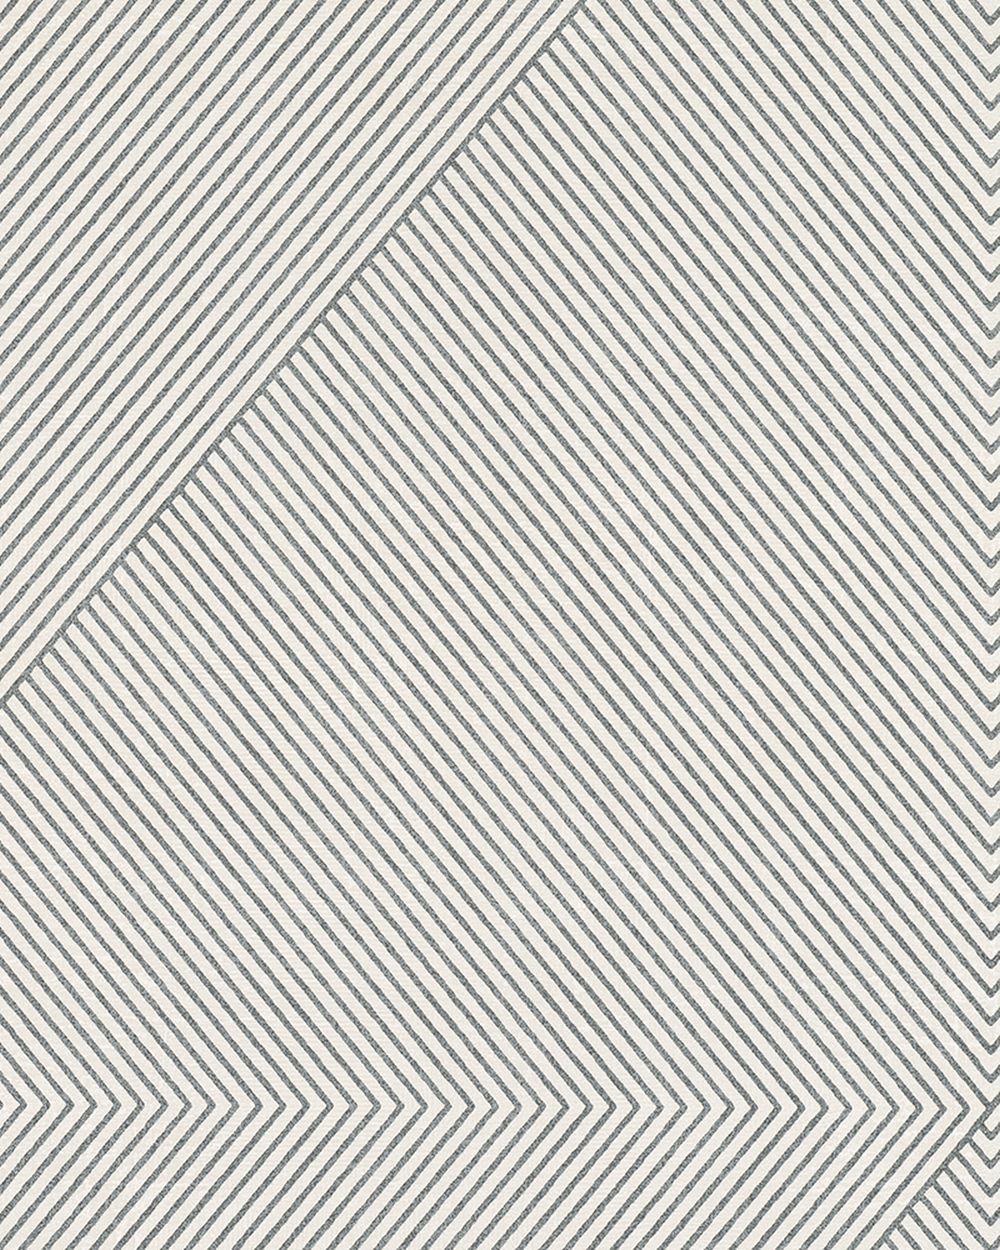 vliestapete streifen wei schwarz glitzer marburg 59426. Black Bedroom Furniture Sets. Home Design Ideas